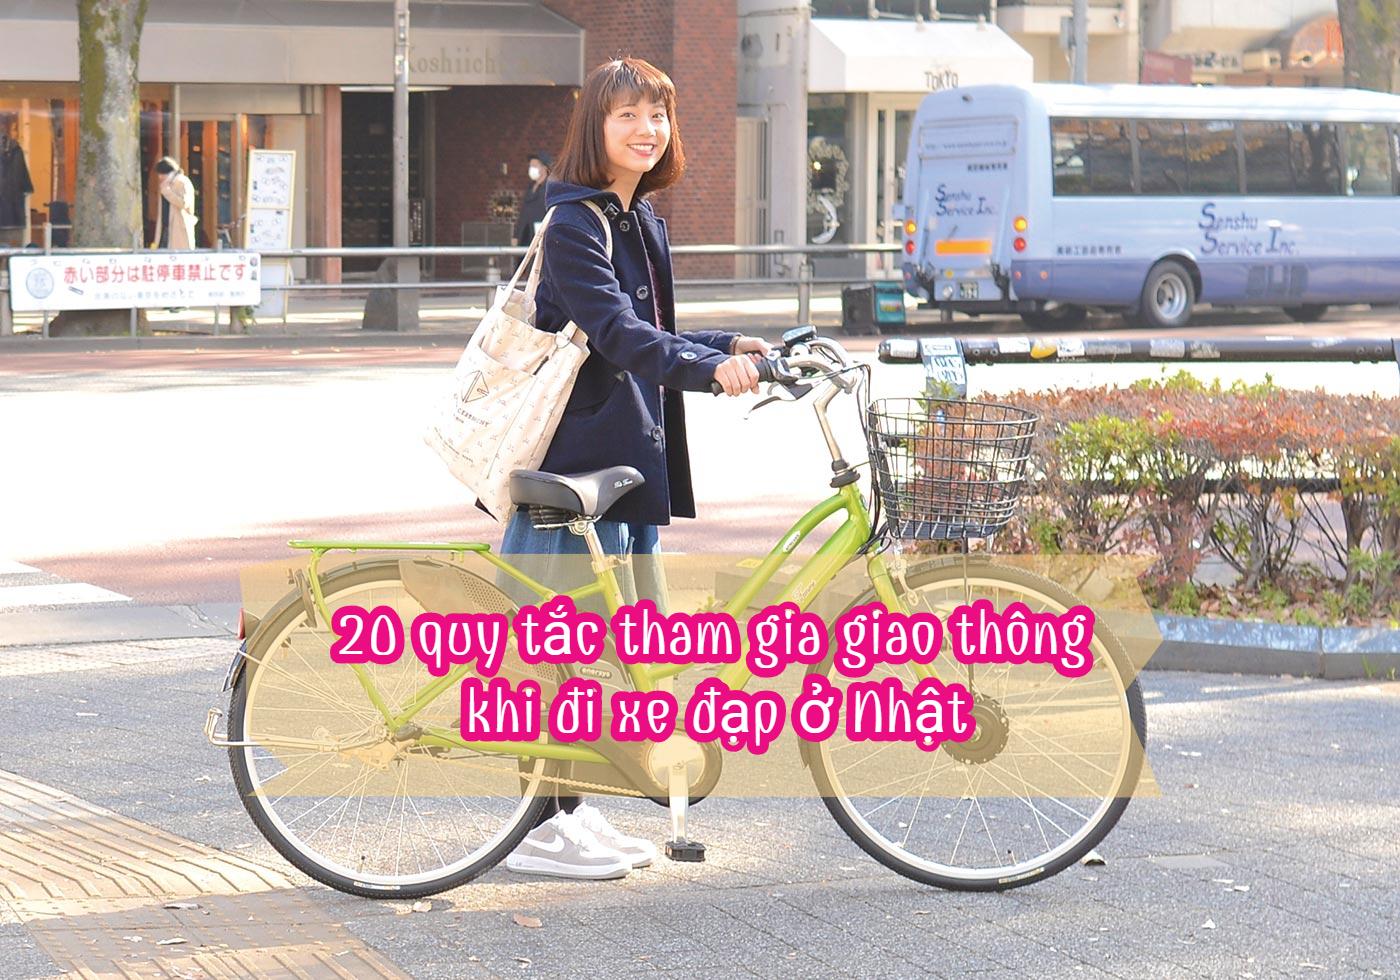 20 quy tắc tham gia giao thông khi đi xe đạp ở Nhật